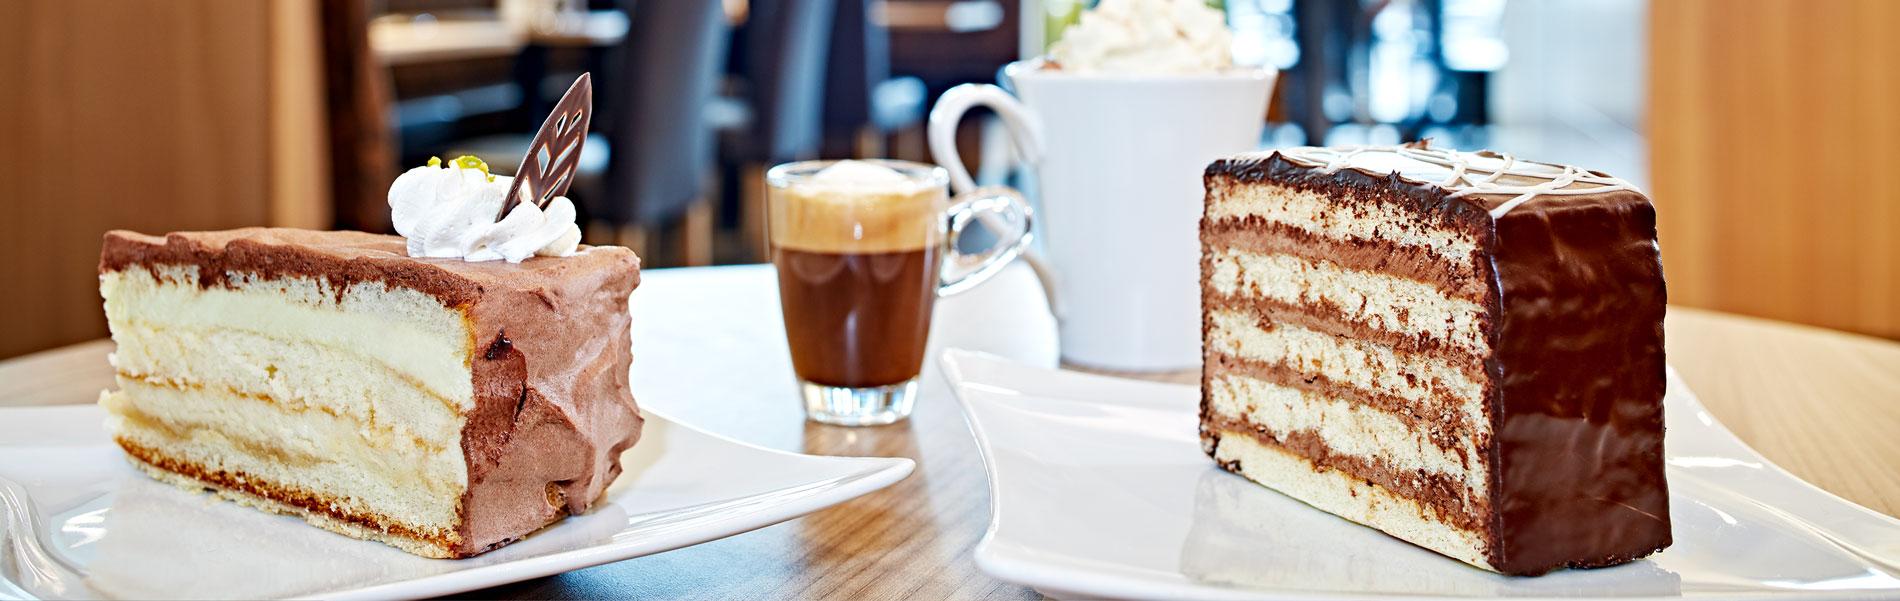 Torten, Kuchen und Mehlspeißen